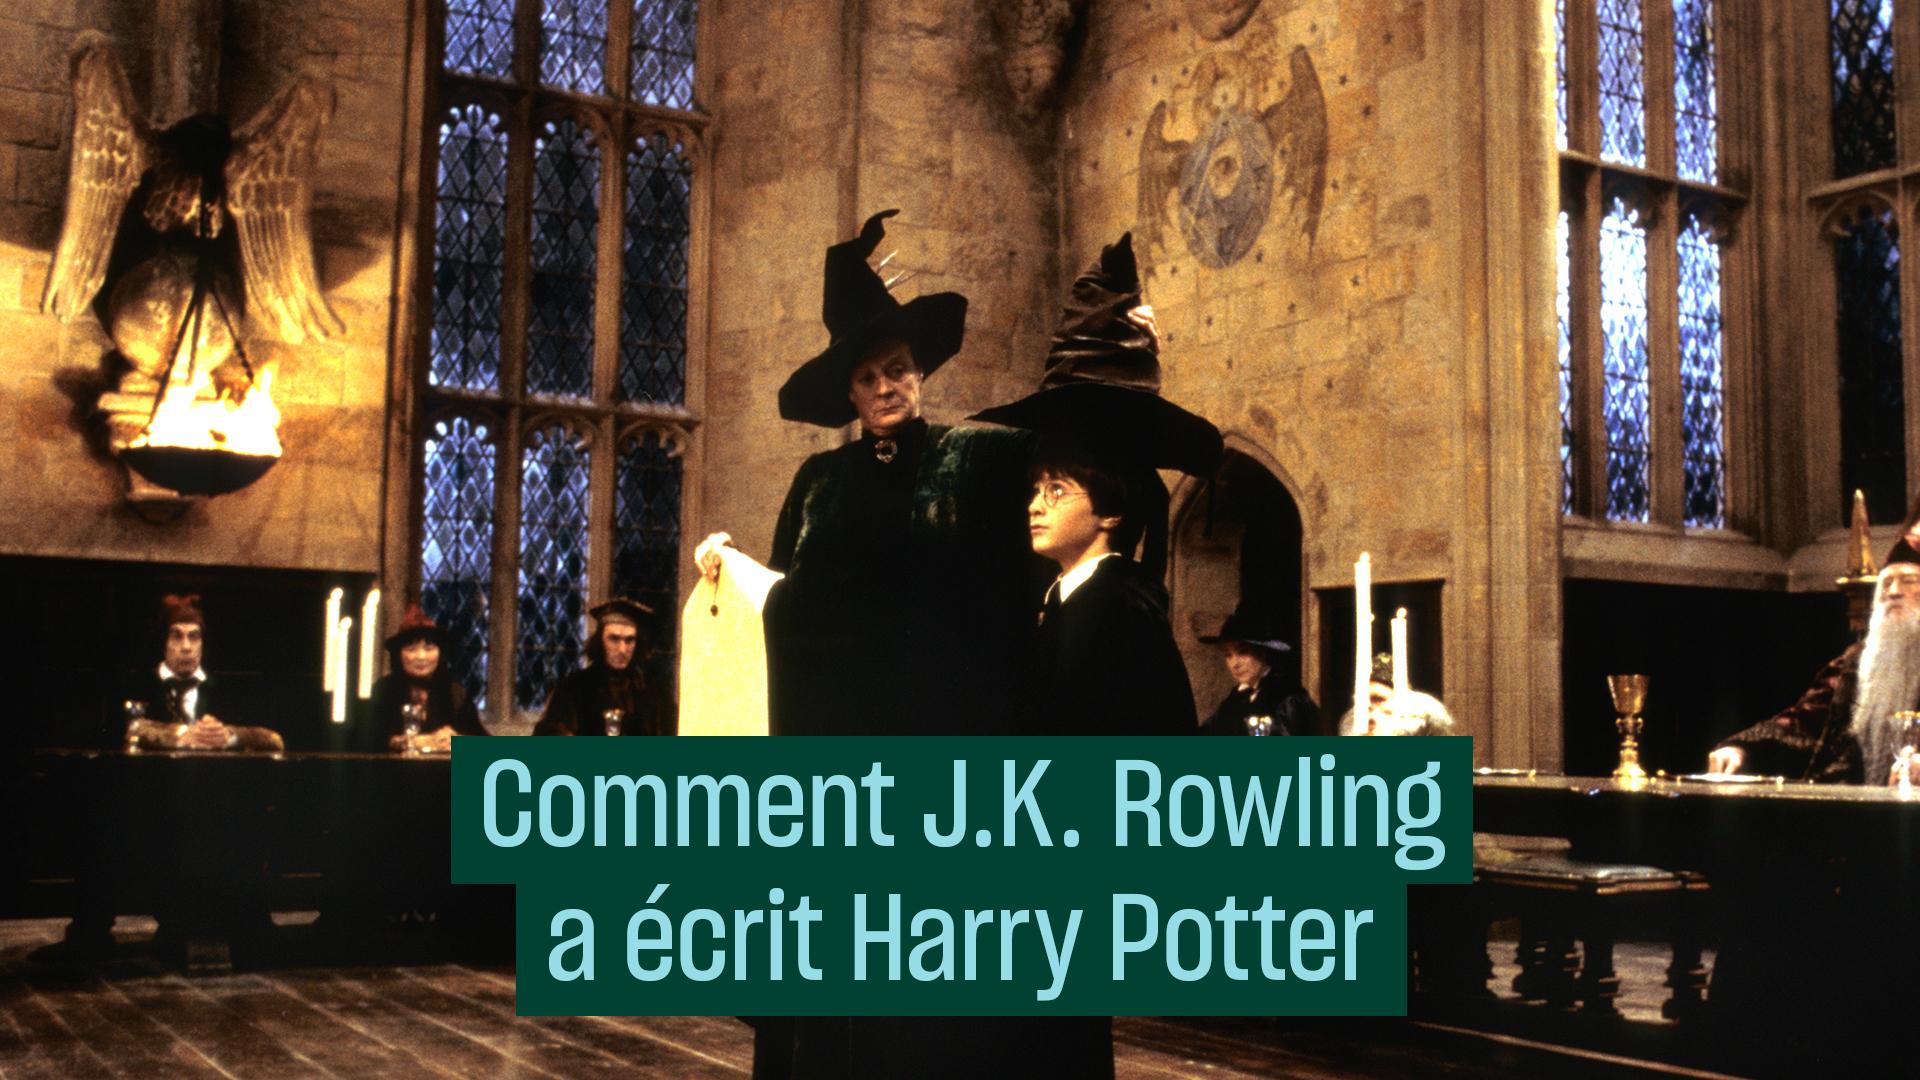 Comment J.K. Rowling a écrit Harry Potter